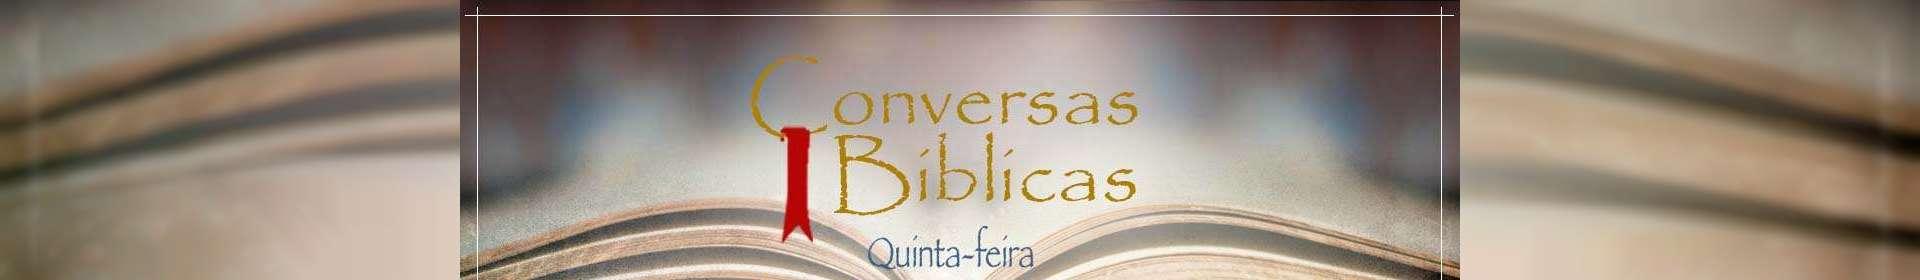 Conversas Bíblicas: Idolatria - Parte 2